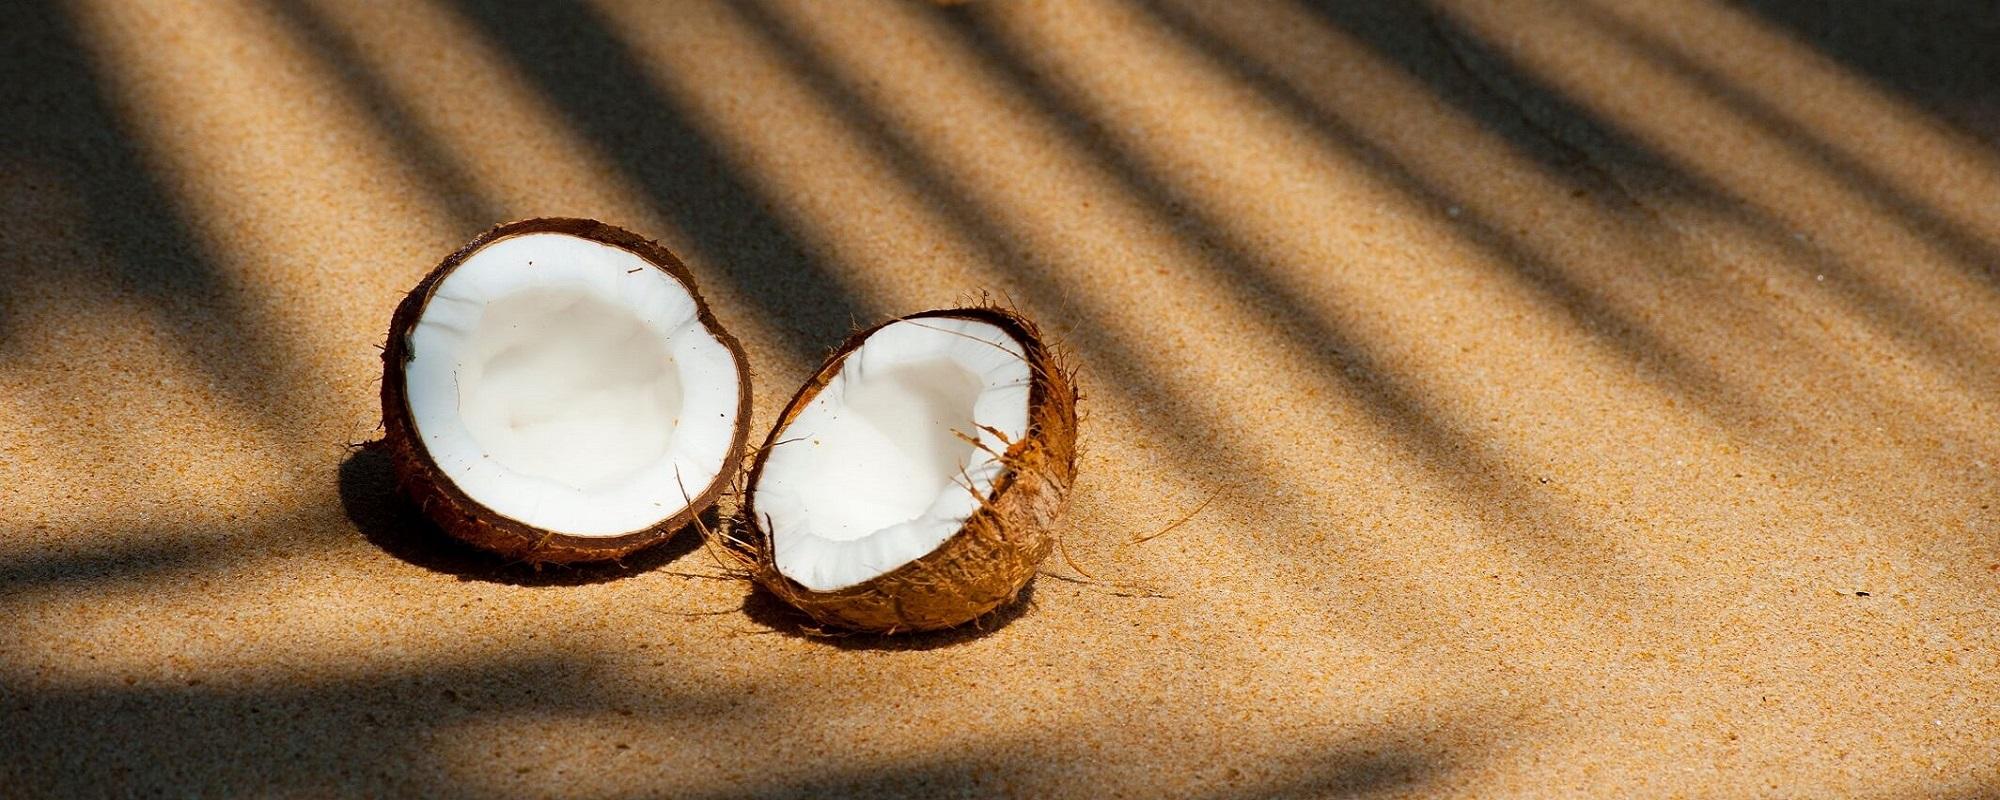 Mýty a fakty o kokose… je kokos zdravý?